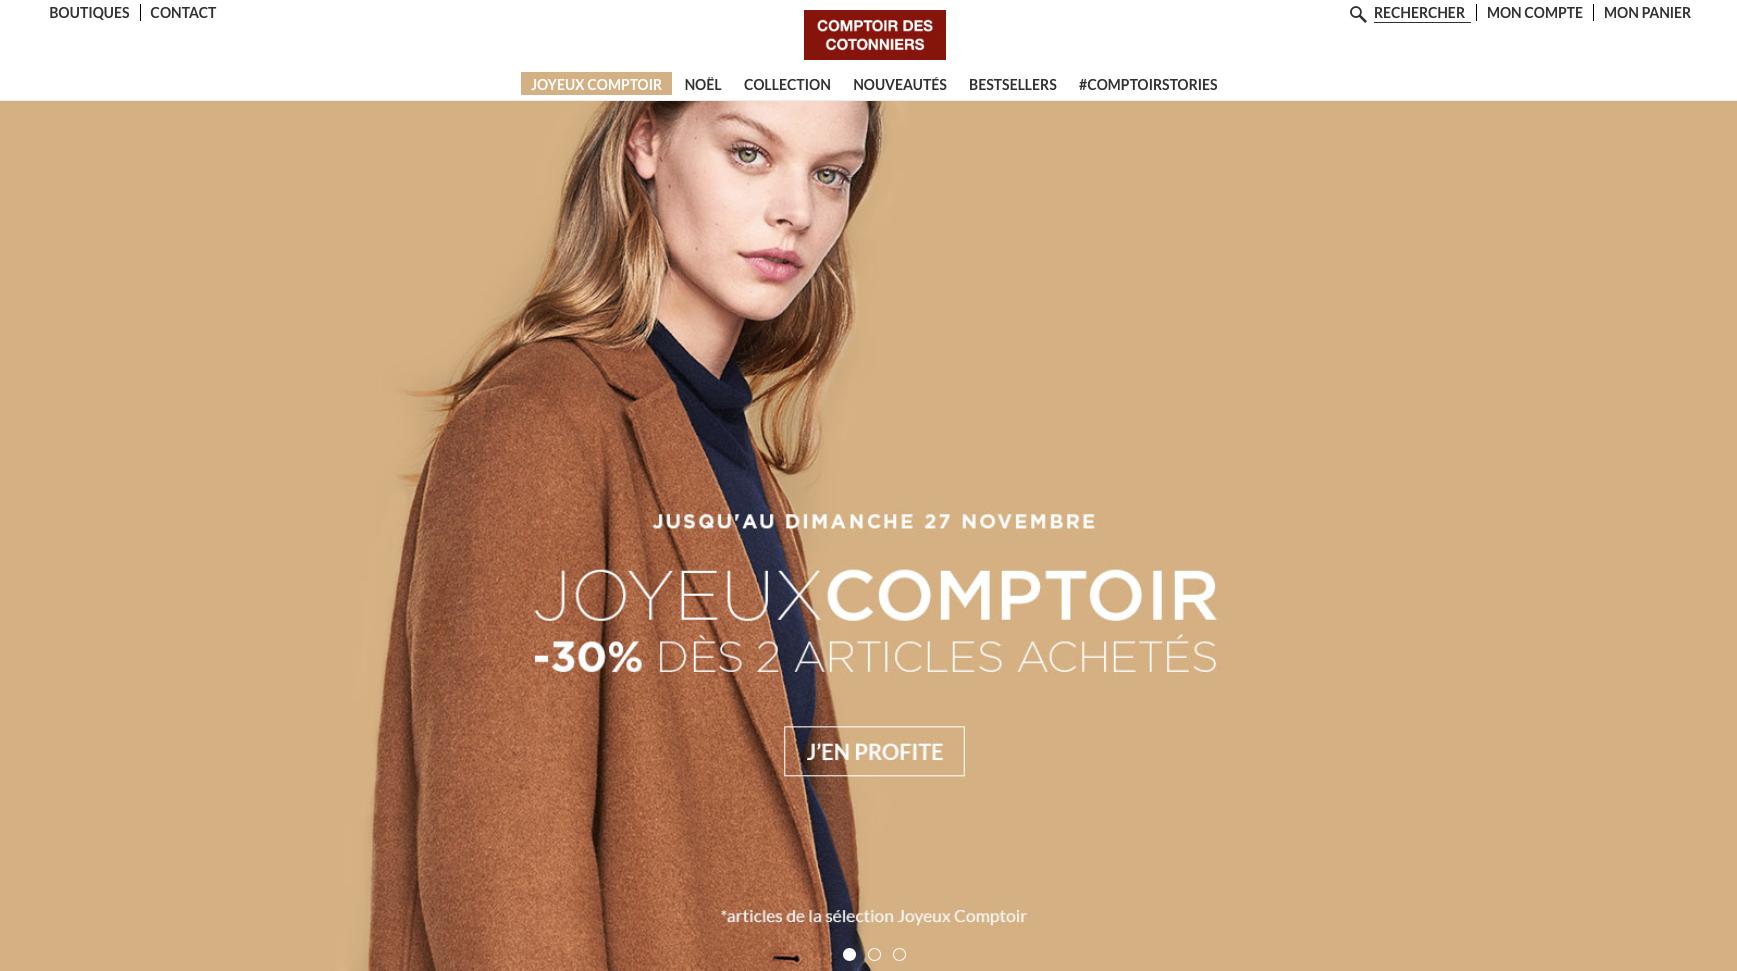 Lingerie translation Comptoir des Cotonniers